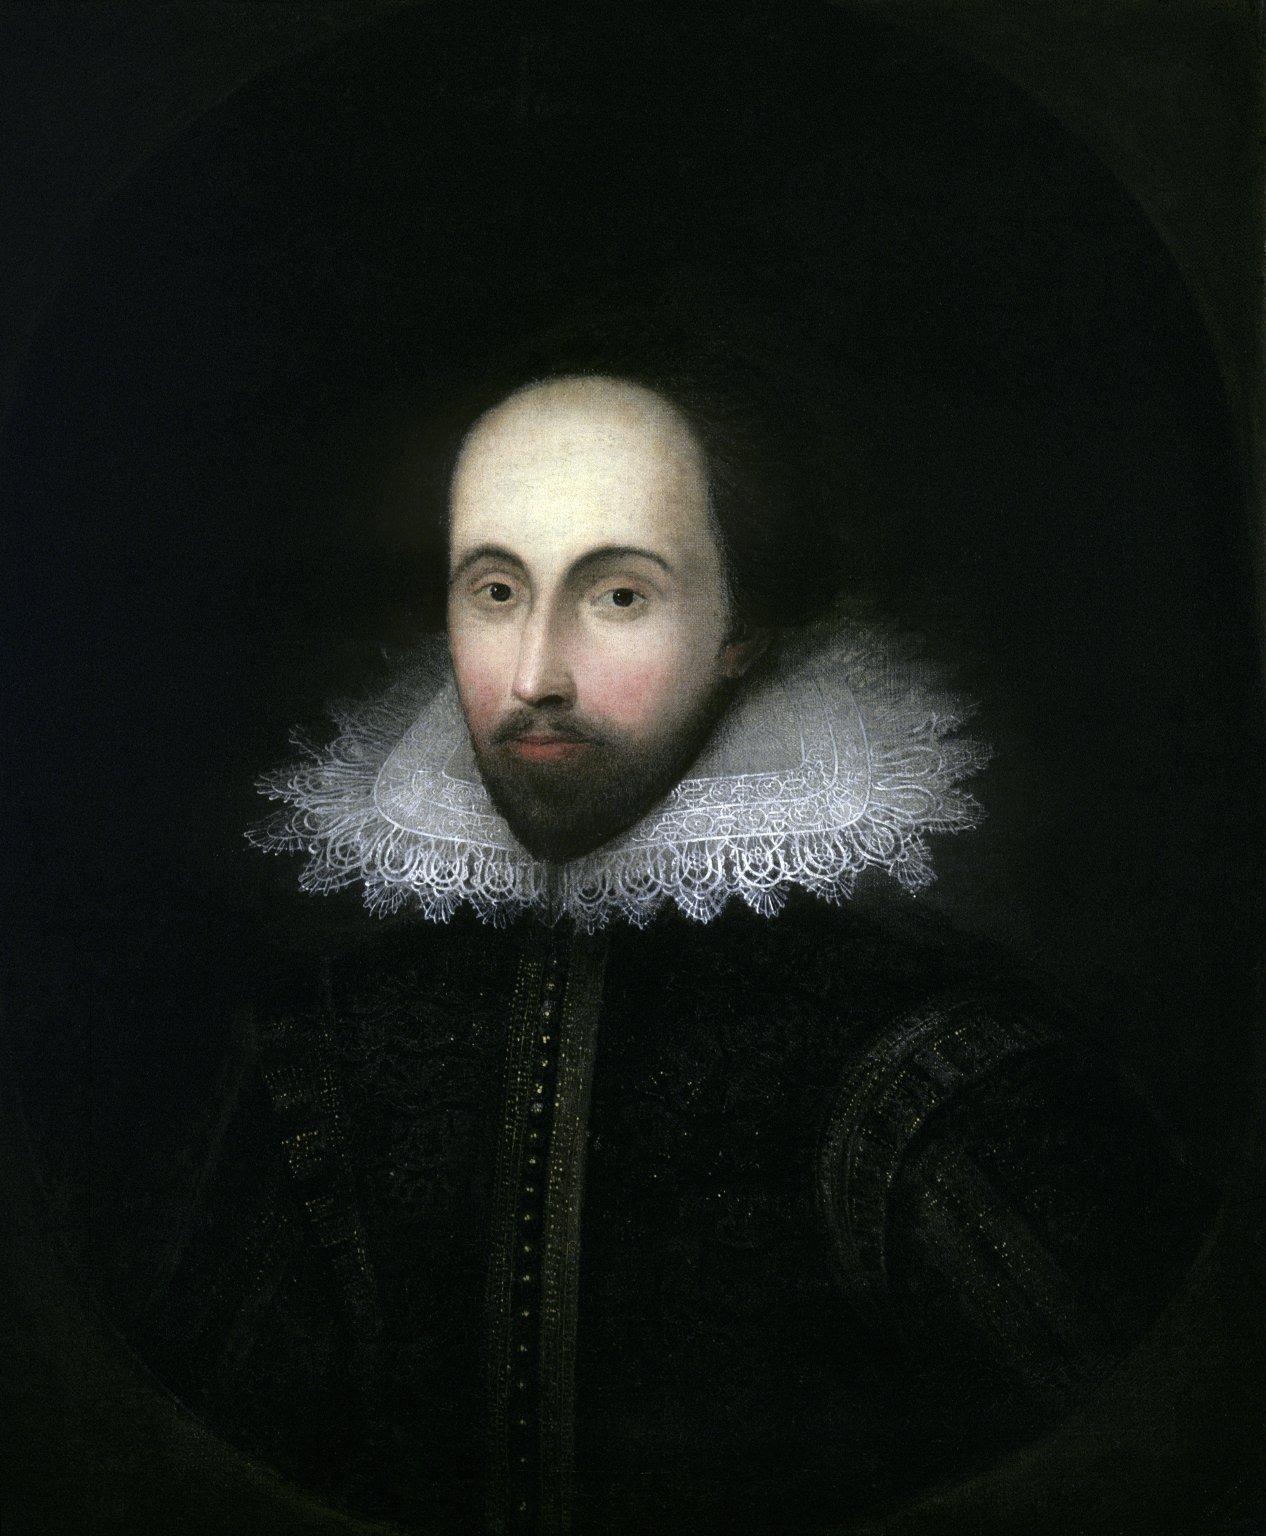 The Staunton Portrait of Shakespeare